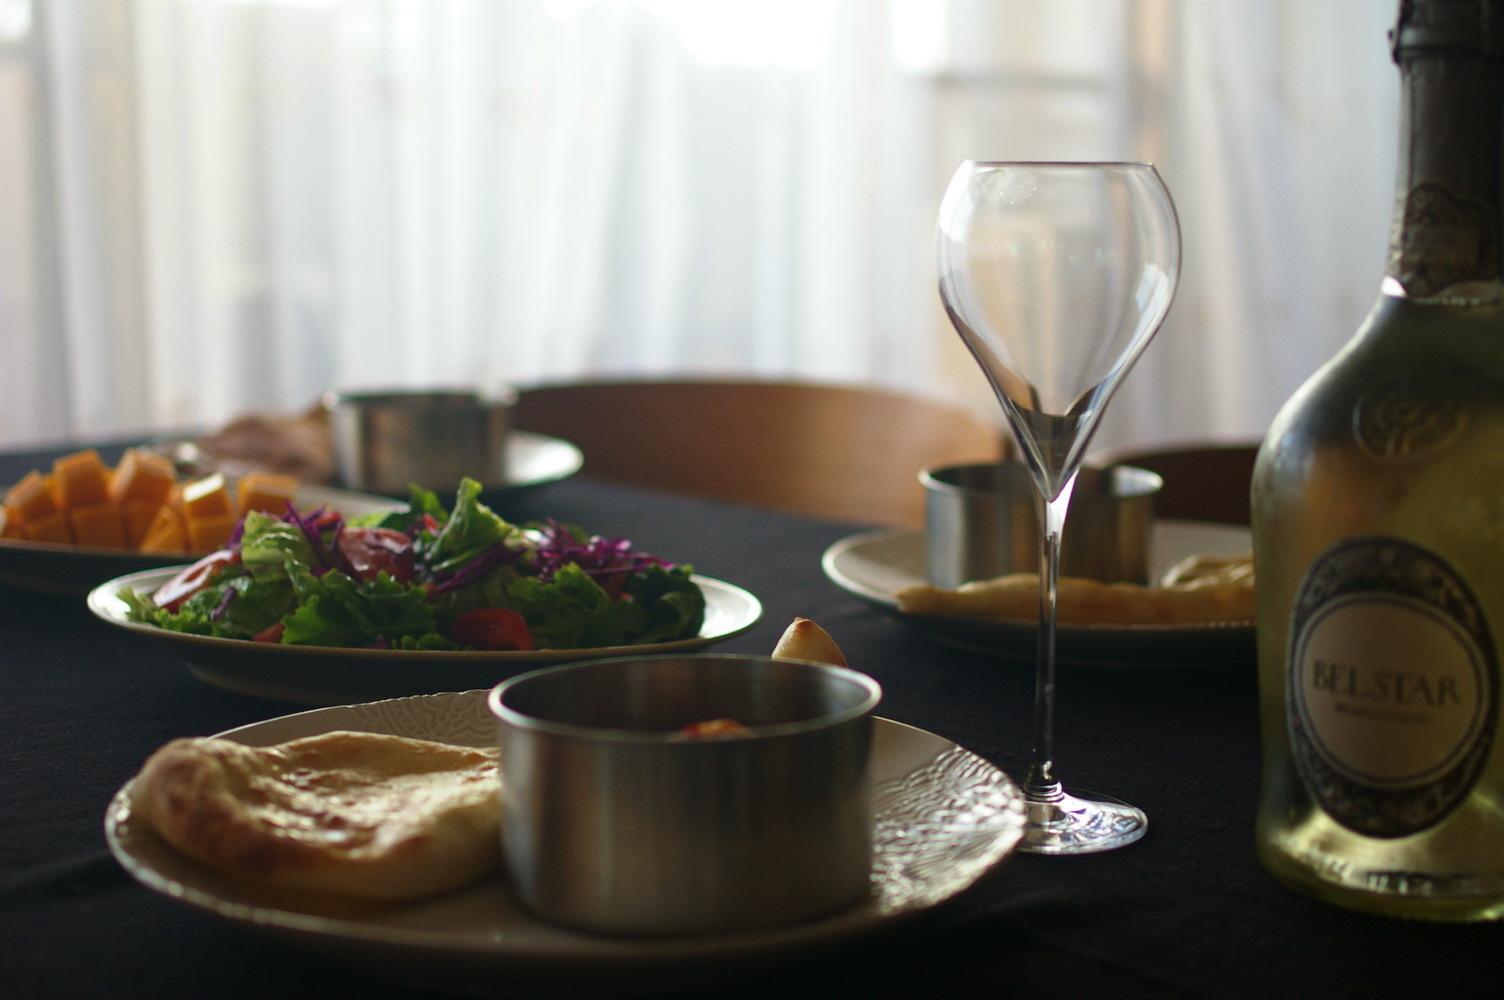 手作りナンと豚バラスパイスカレー:料理教室再開に向けて_d0327373_18555045.jpg